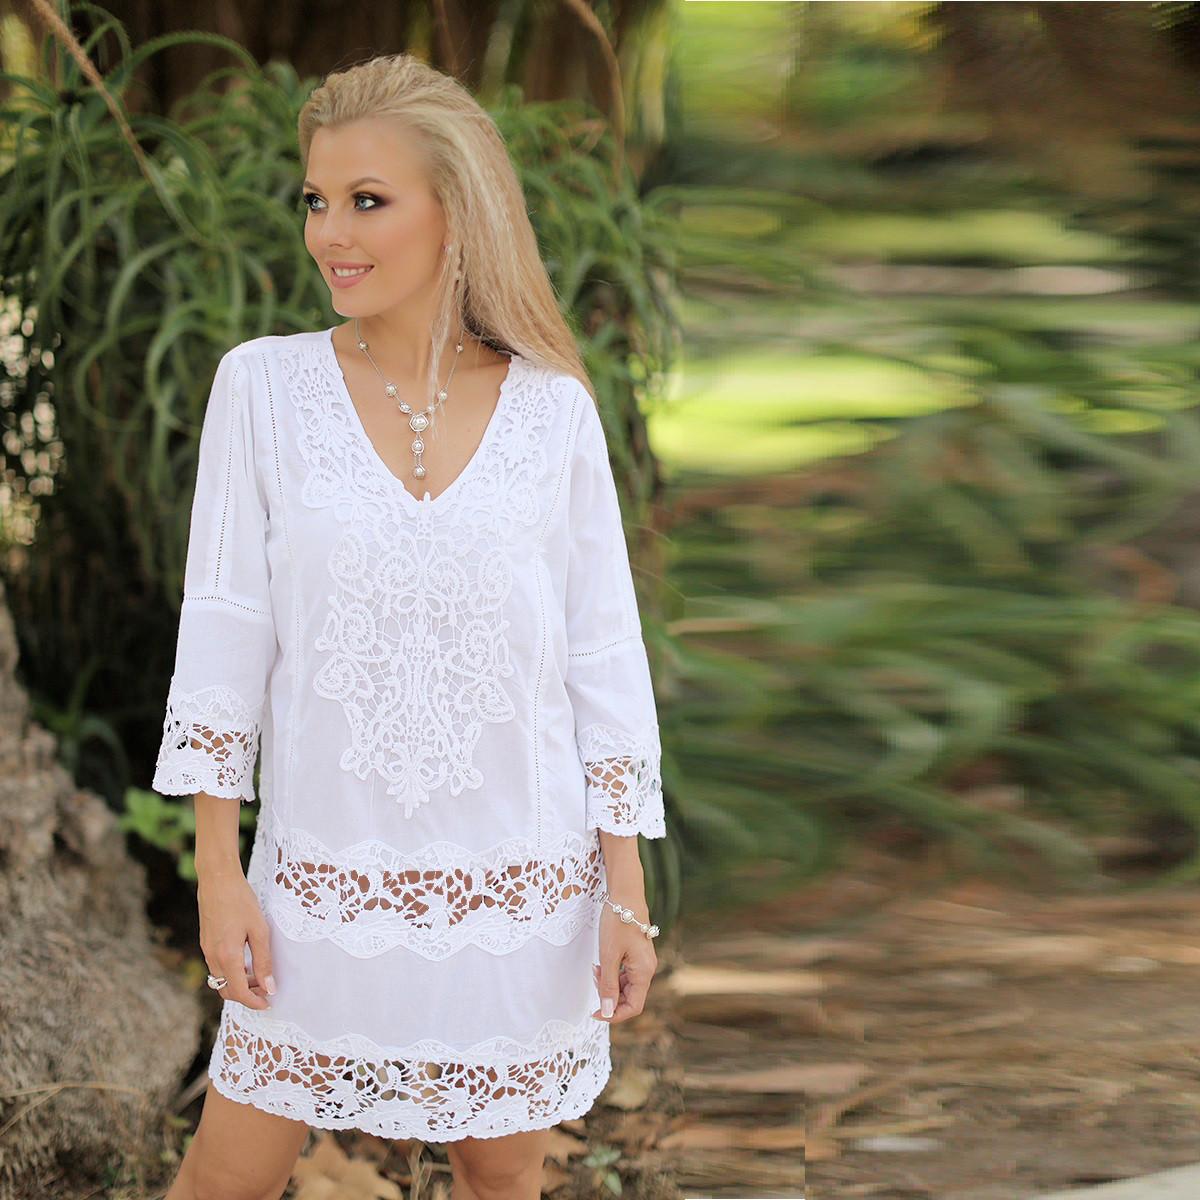 d43be7006dd Летнее платье из индийского натурального хлопка 368 F - Интернет-магазин  Леди-лайн в